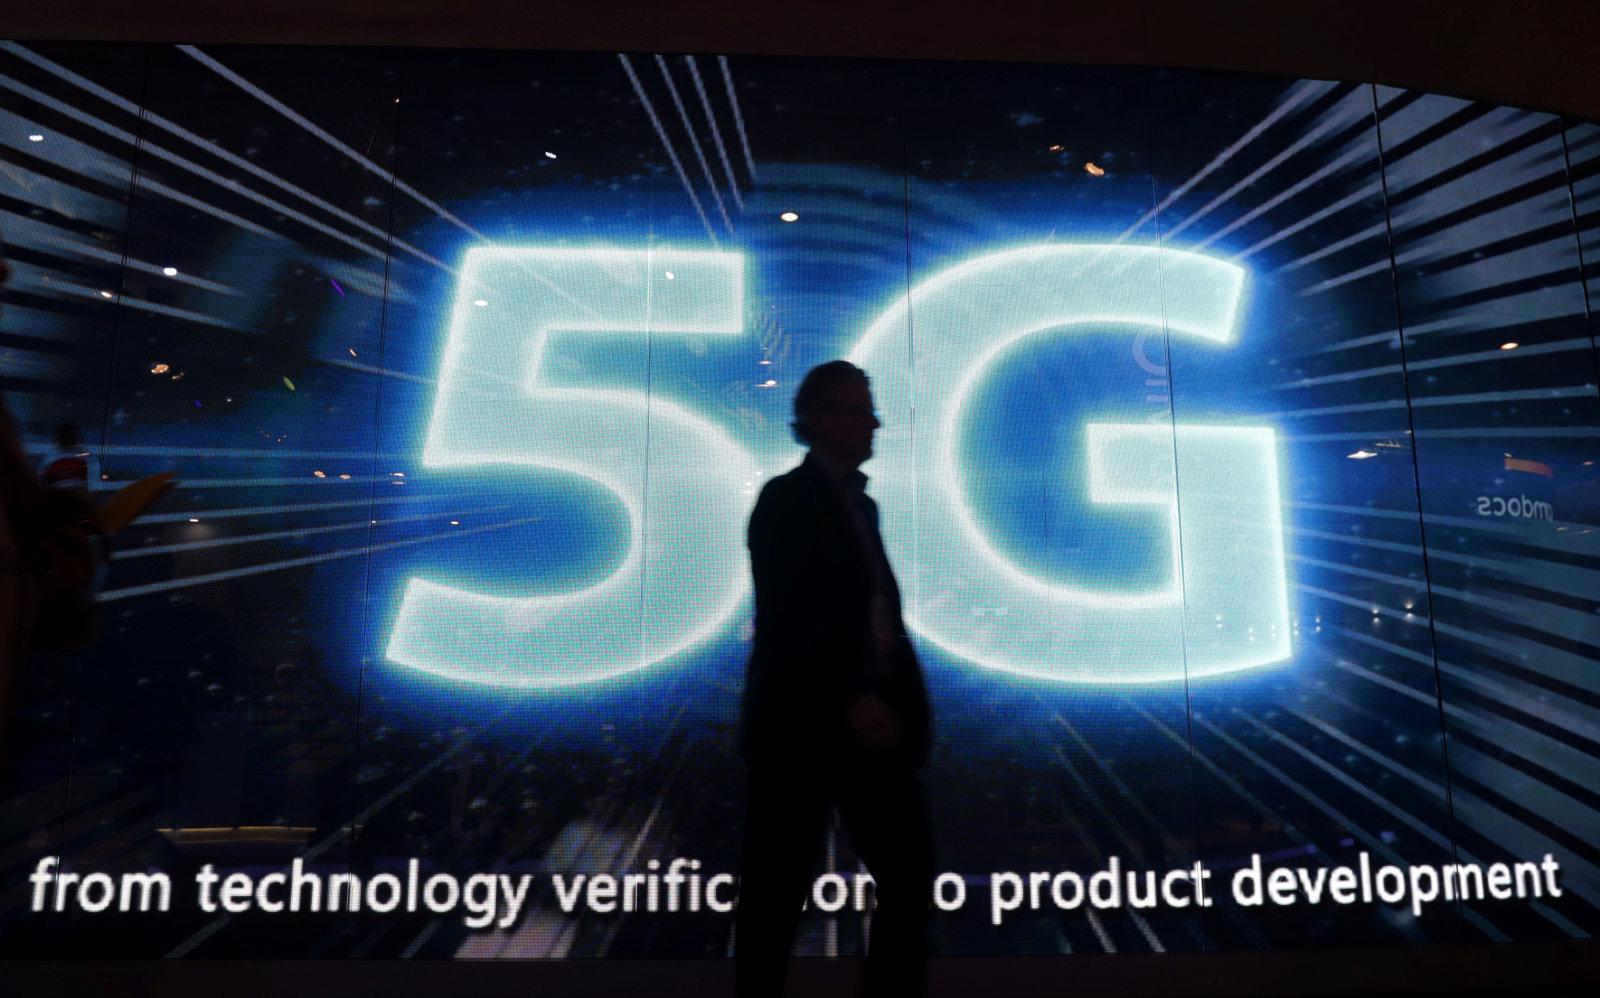 高通与多家厂商合作进行5G研究,或在2019年推出多款5G产品